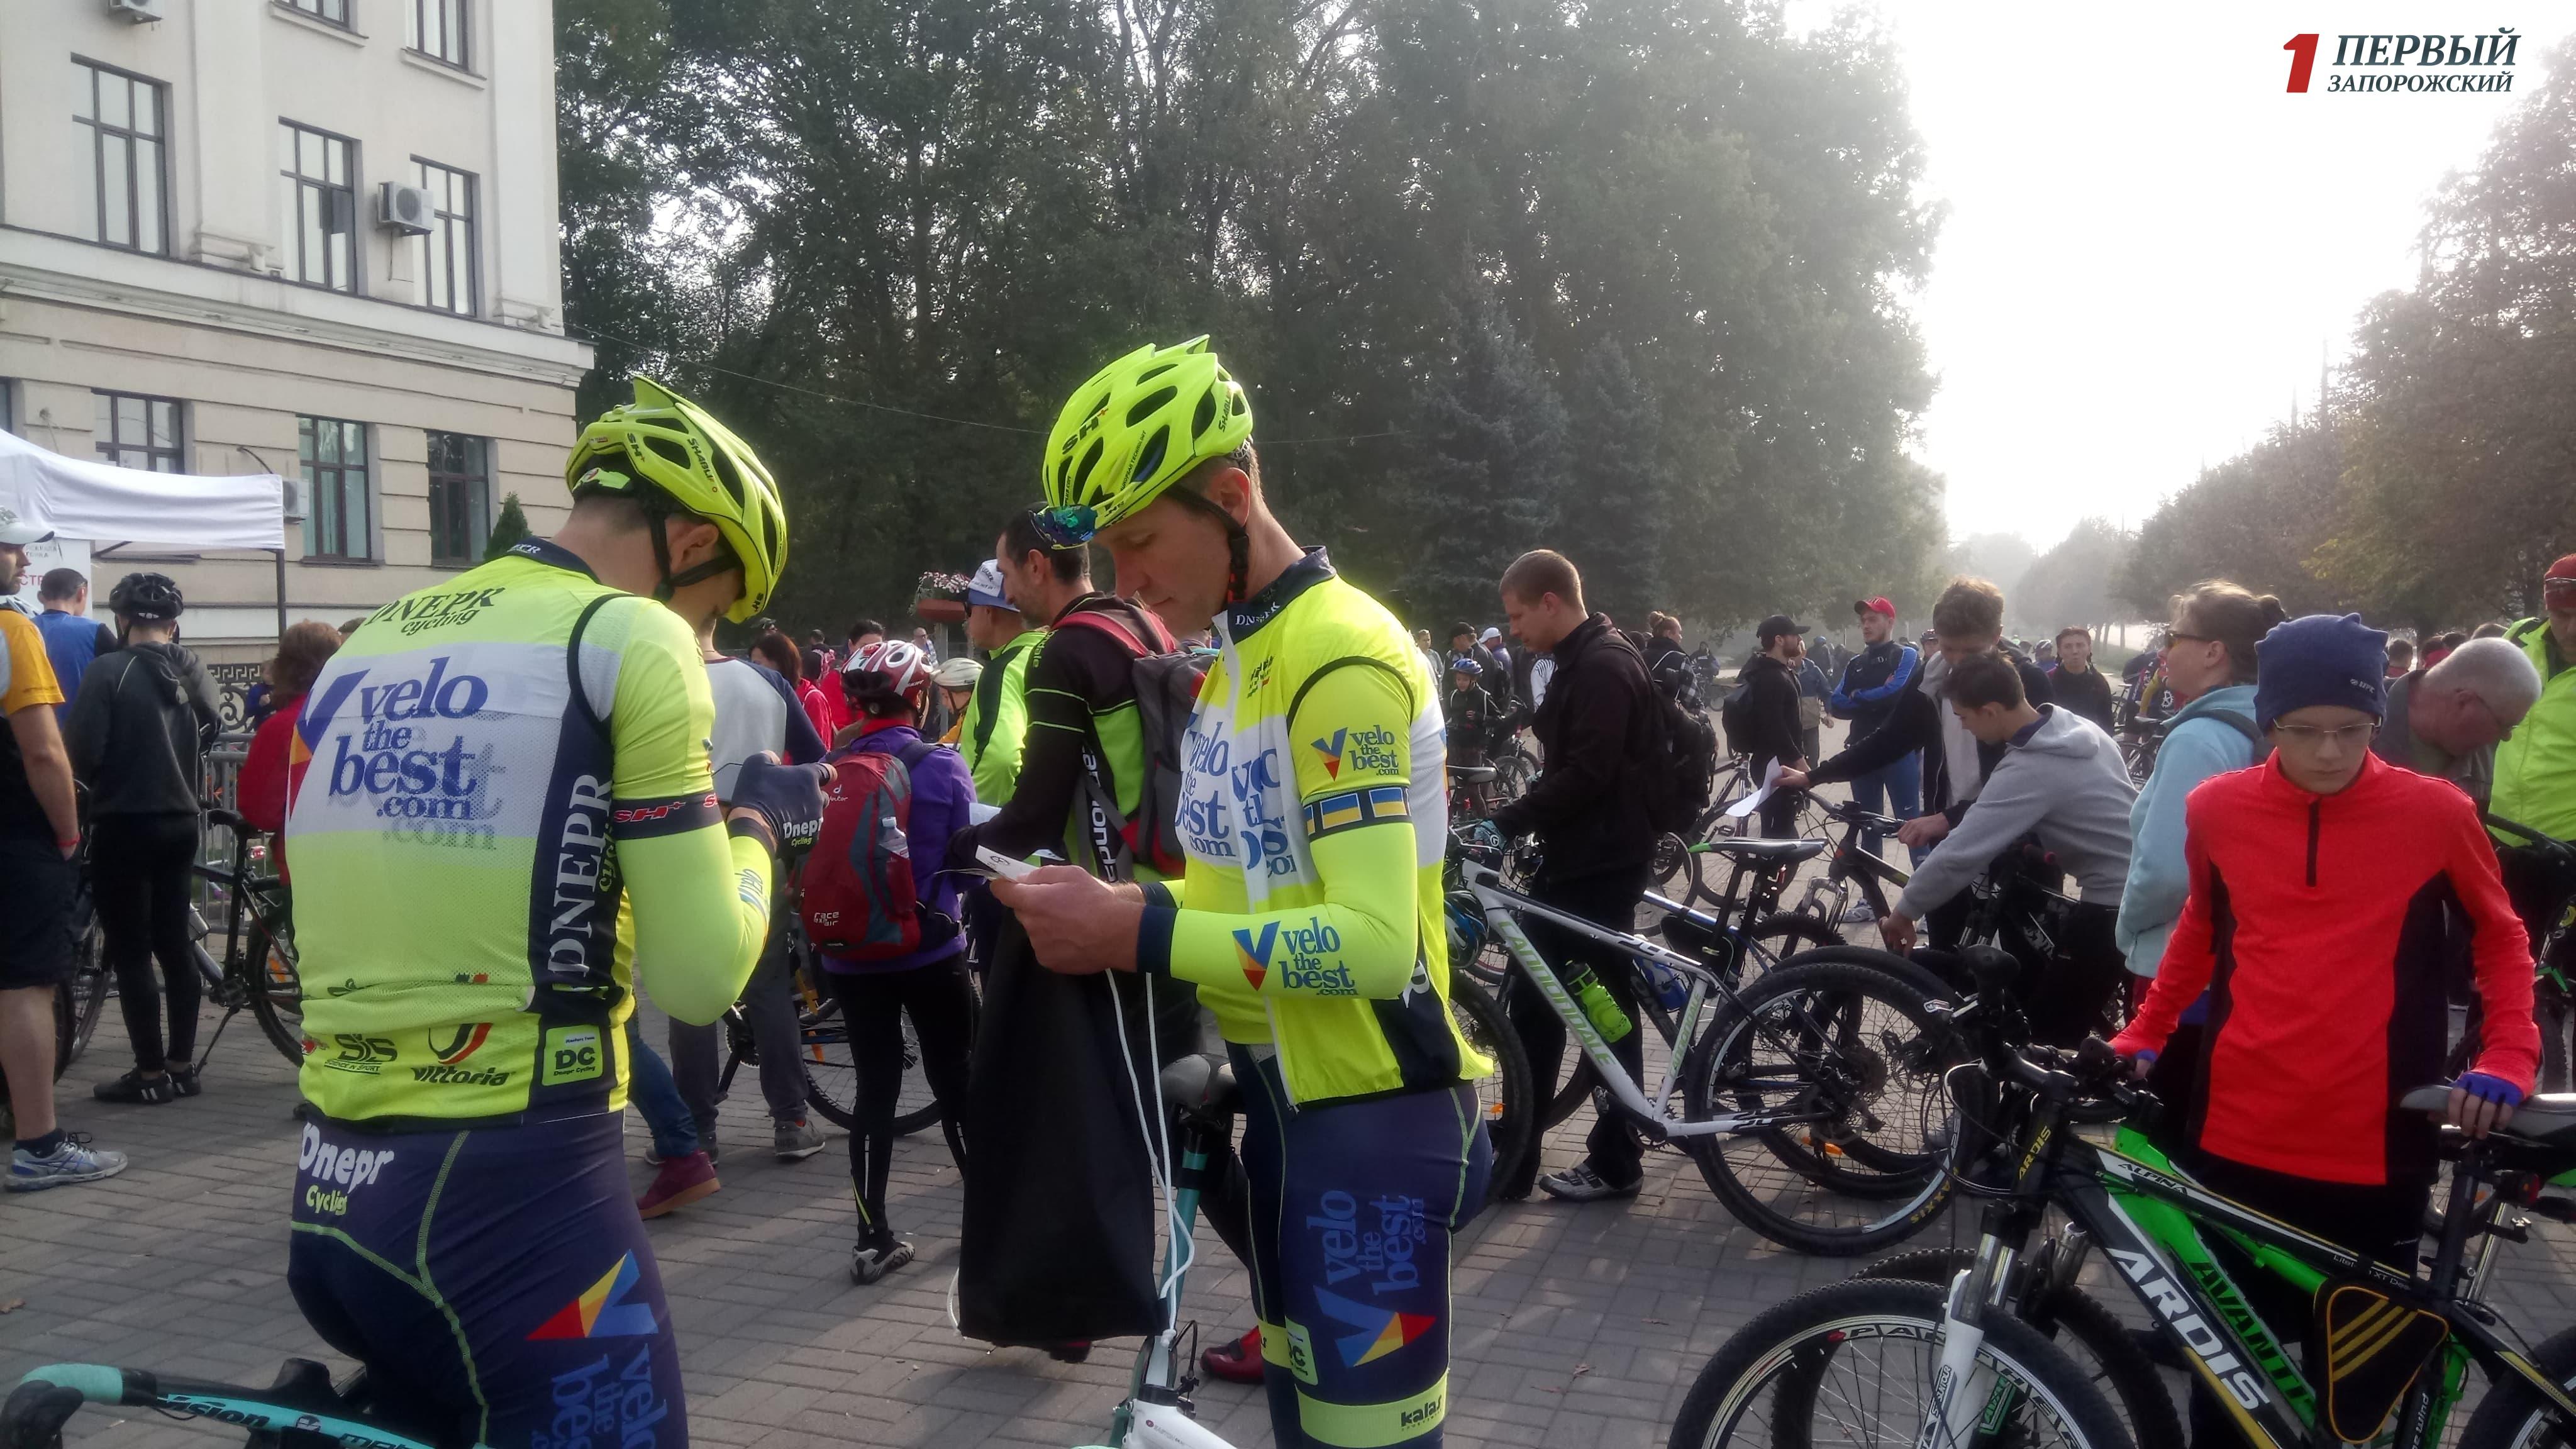 В Запорожье тысячи велосипедистов вышли на массовый велопробег - ФОТО, ВИДЕО